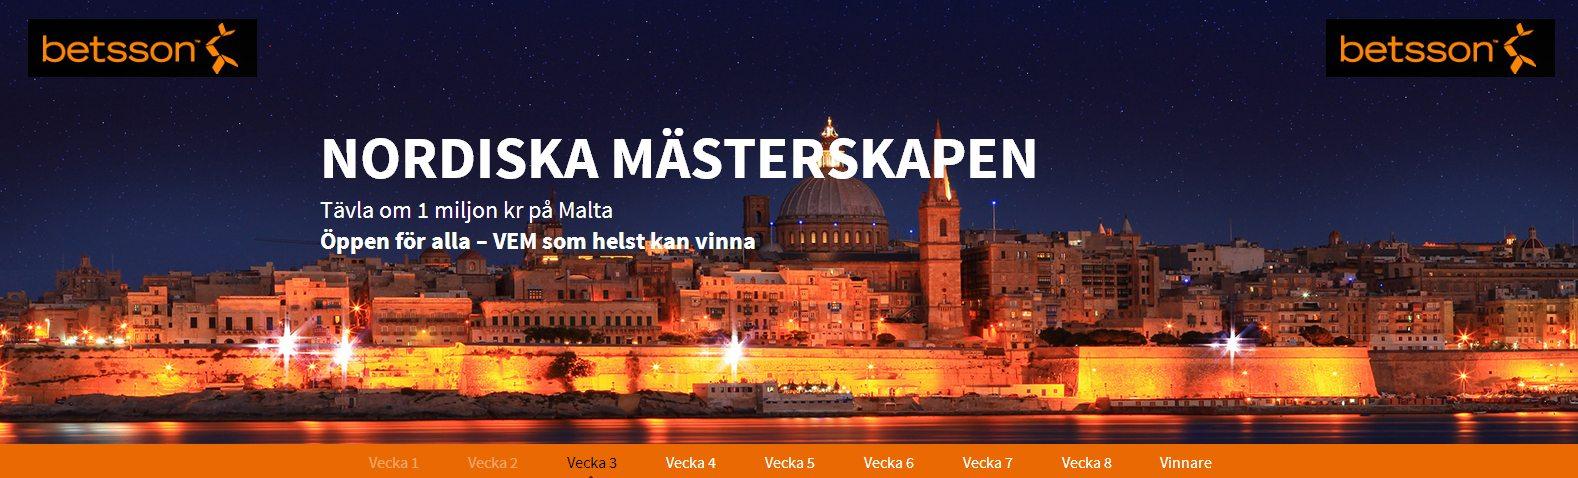 Nordiska Mästerskapet i Casino